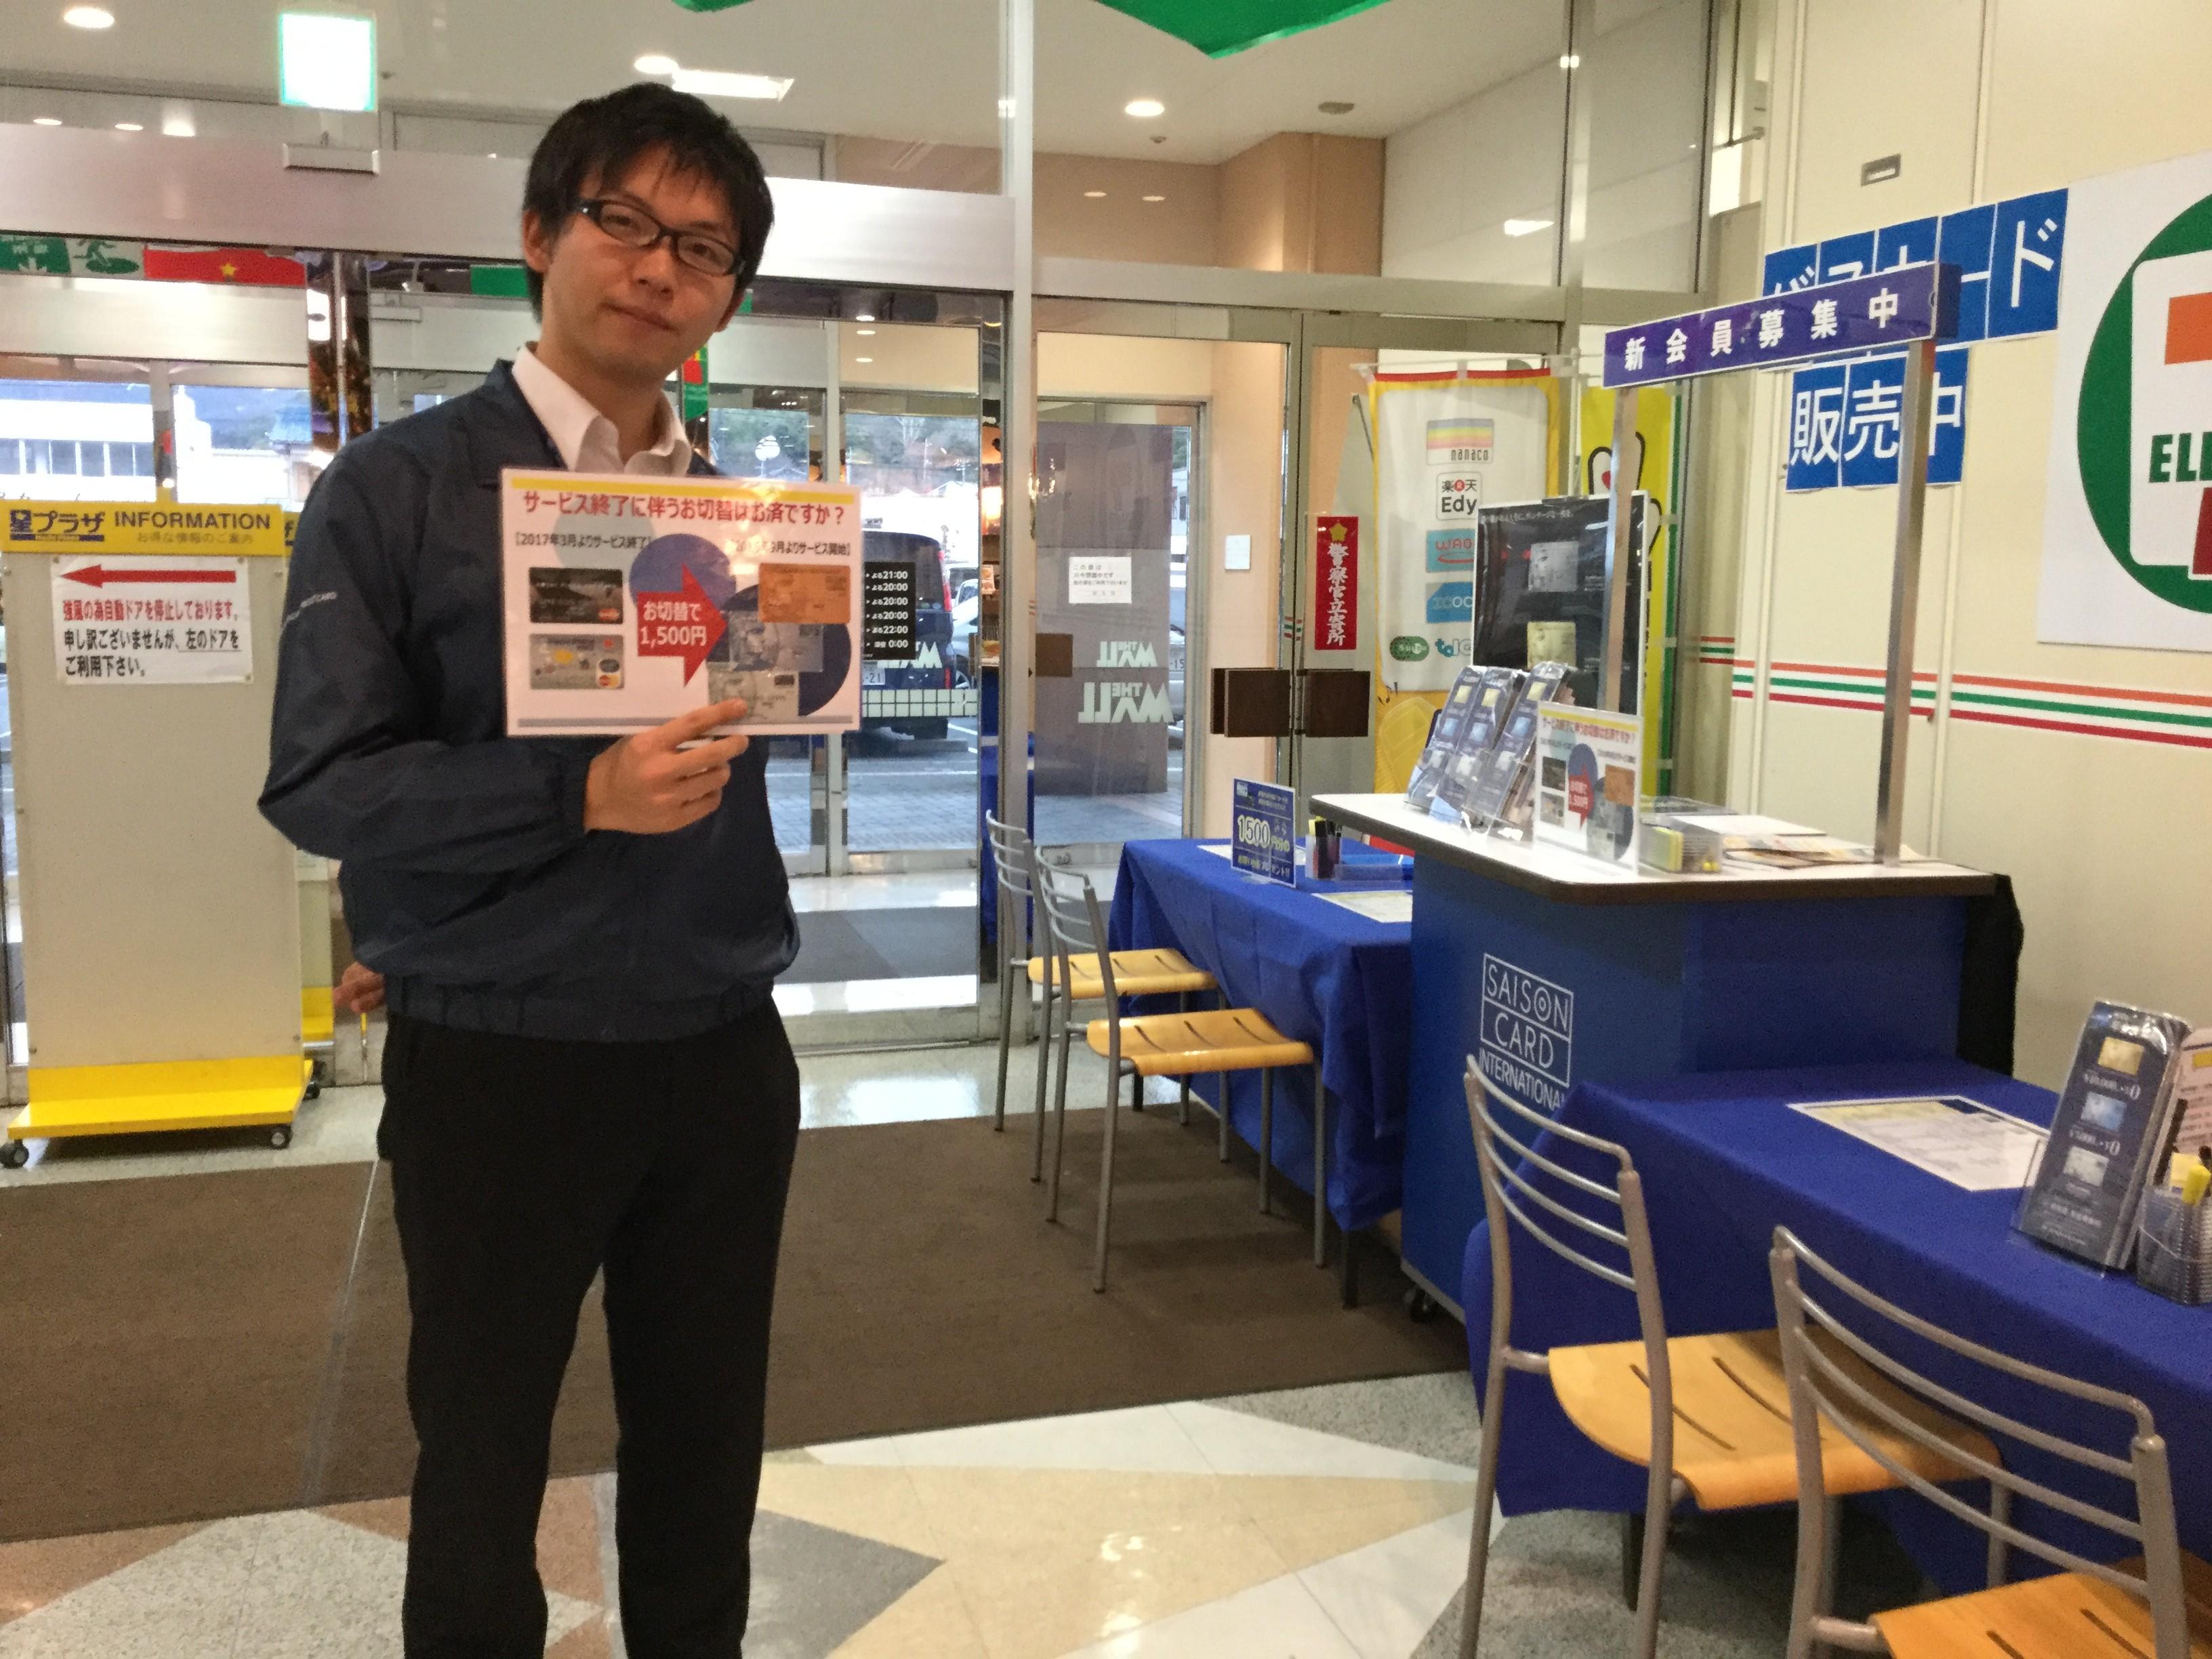 カードキャンペーンスタッフ 東広島市エリア 株式会社クレディセゾン 中四国支社 のアルバイト情報